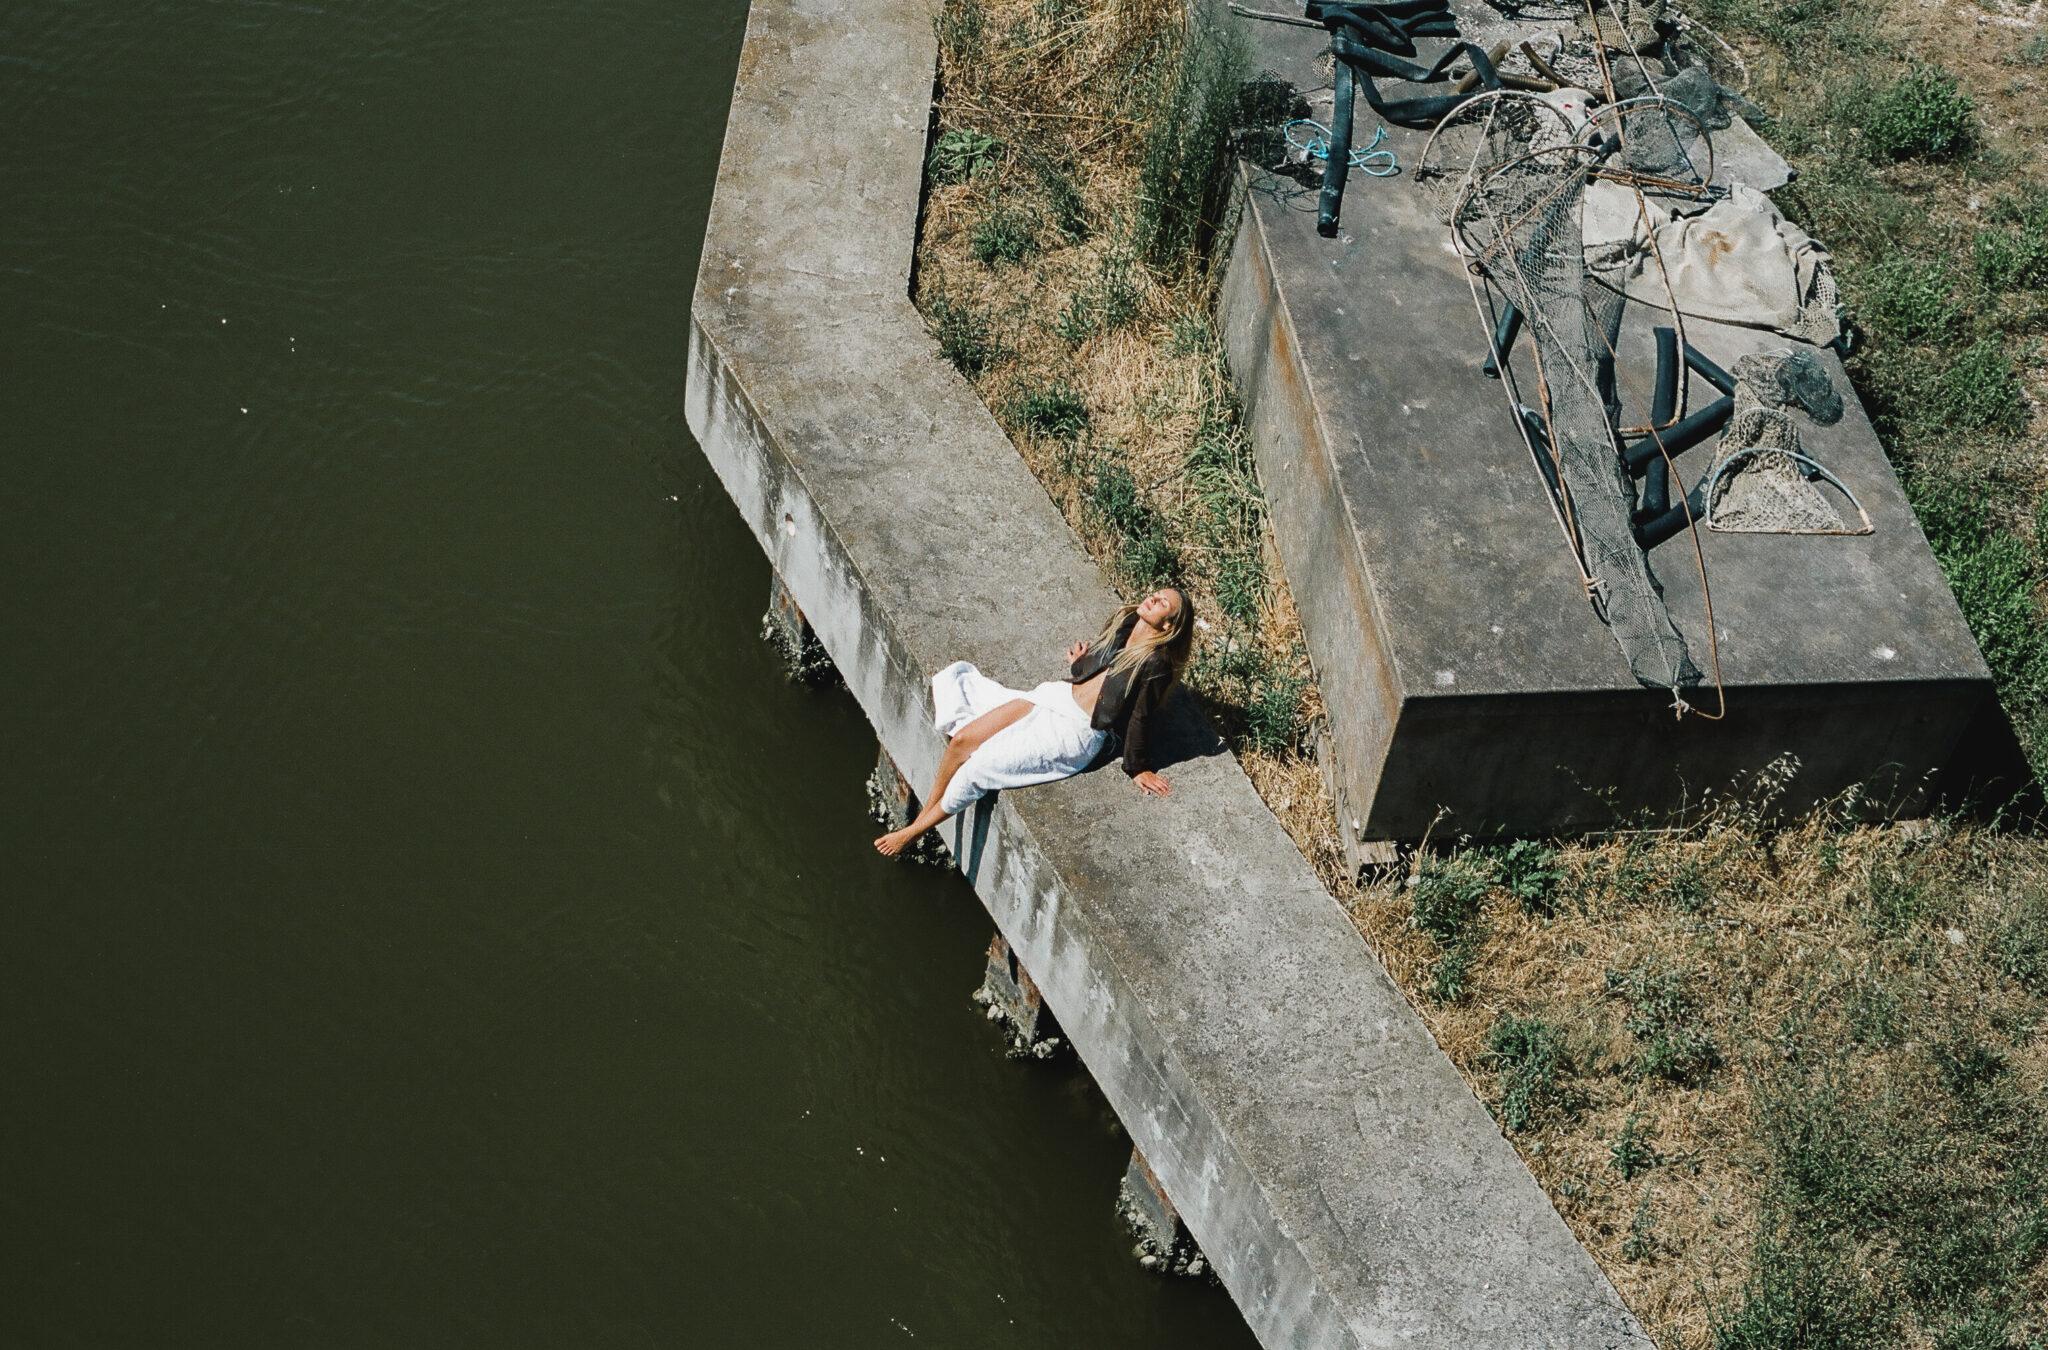 Fotografia aerea di mdella con gonna a portafoglio bianca, giacca di pelle marrone, prende il sole seduta su un argine palustre, fotografia analogica